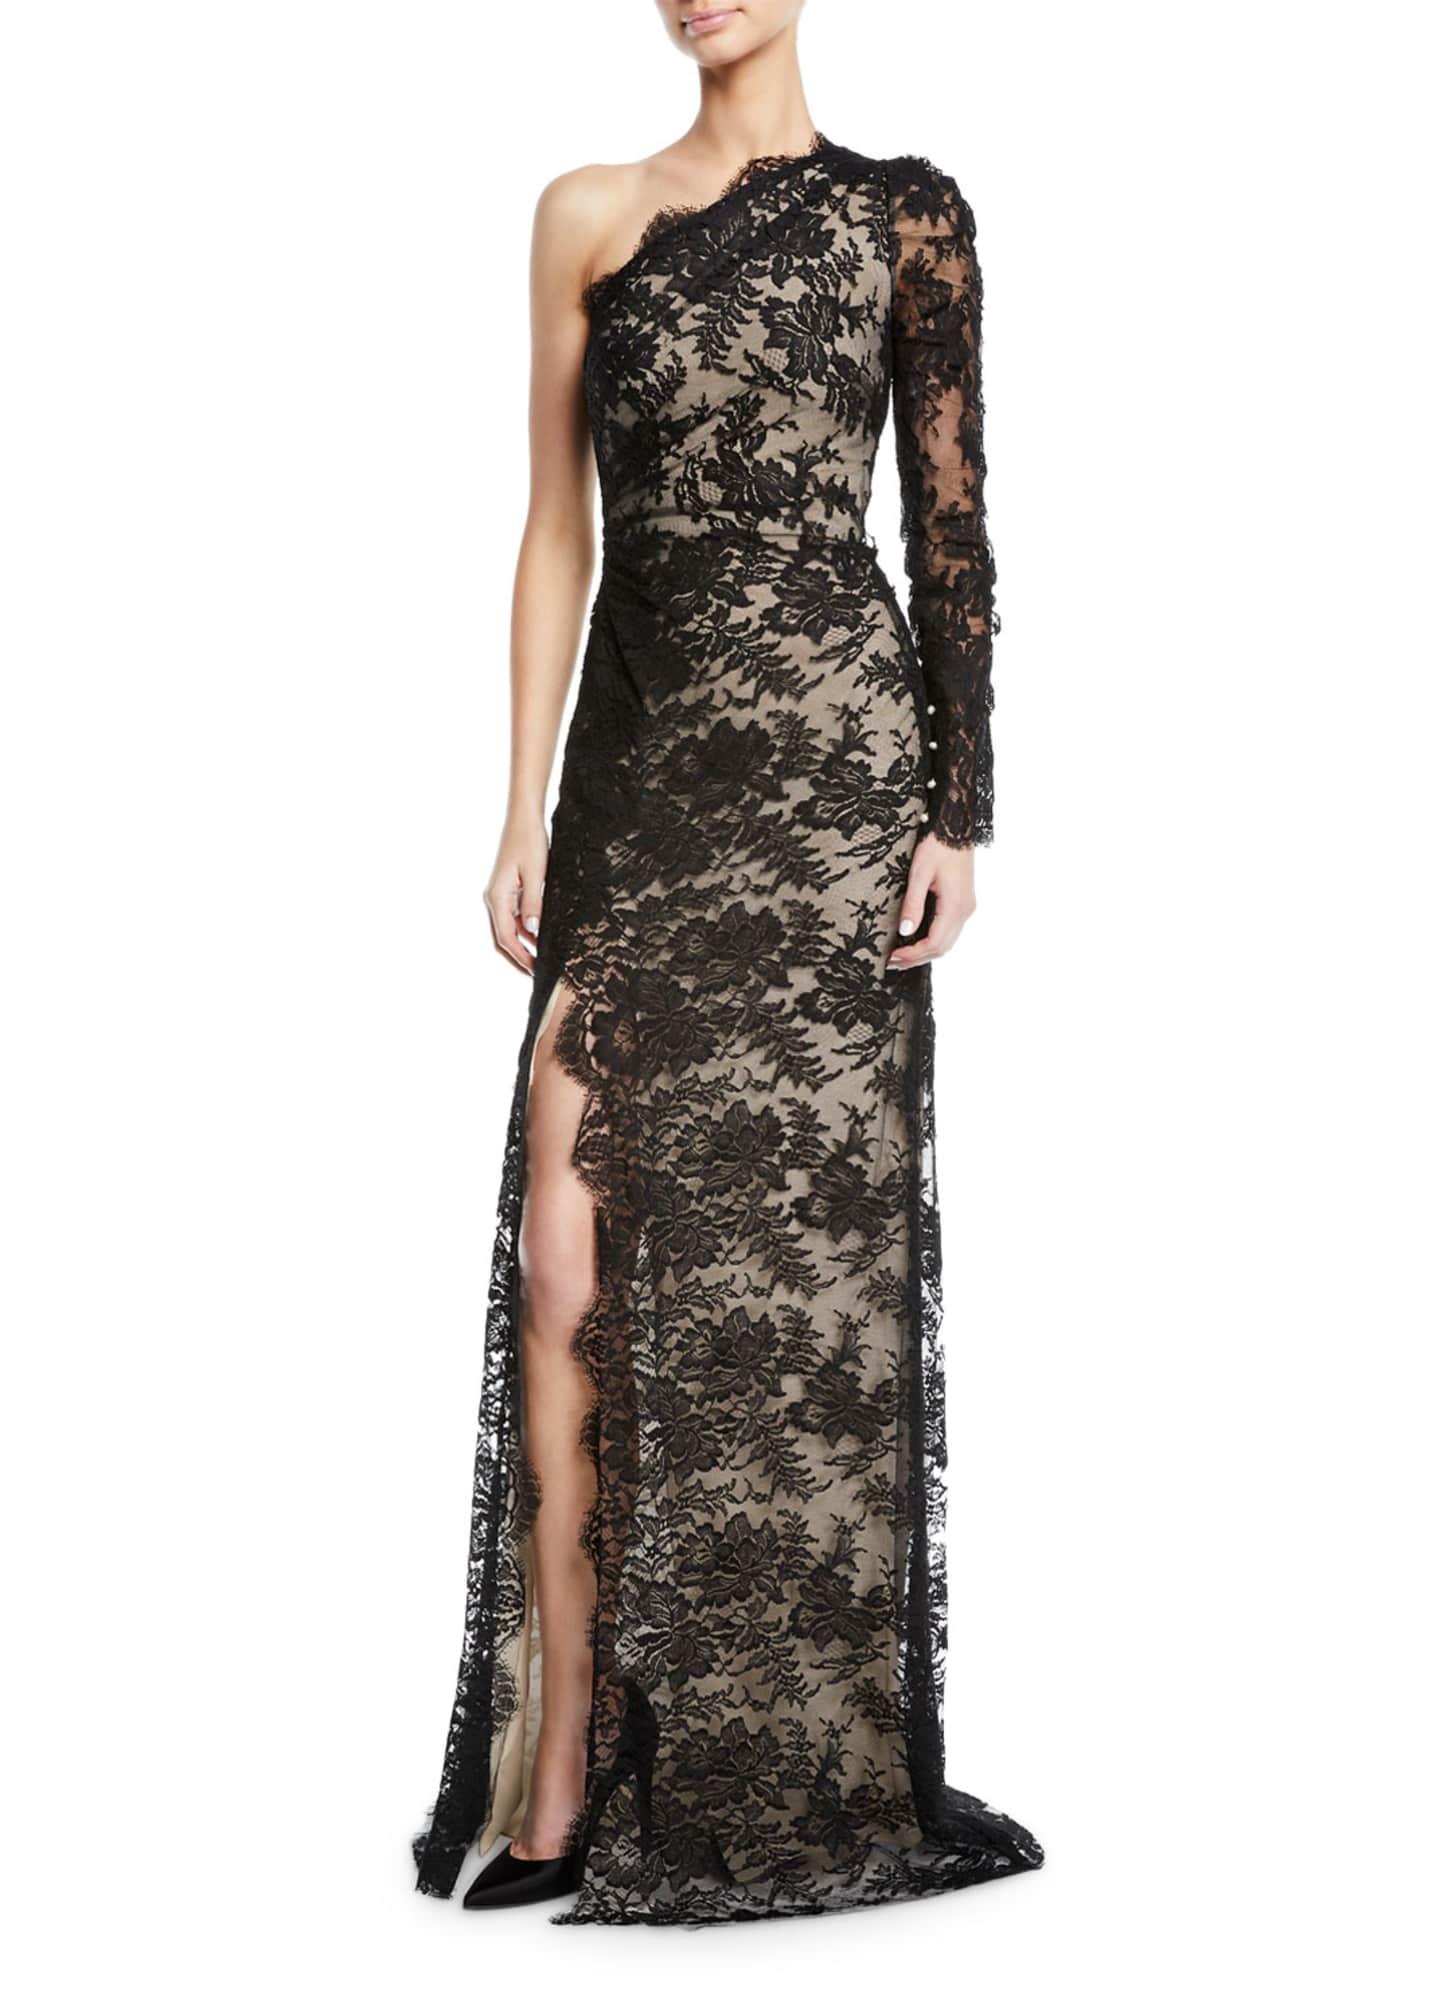 Monique Lhuillier One-Shoulder Lace Overlay Gown